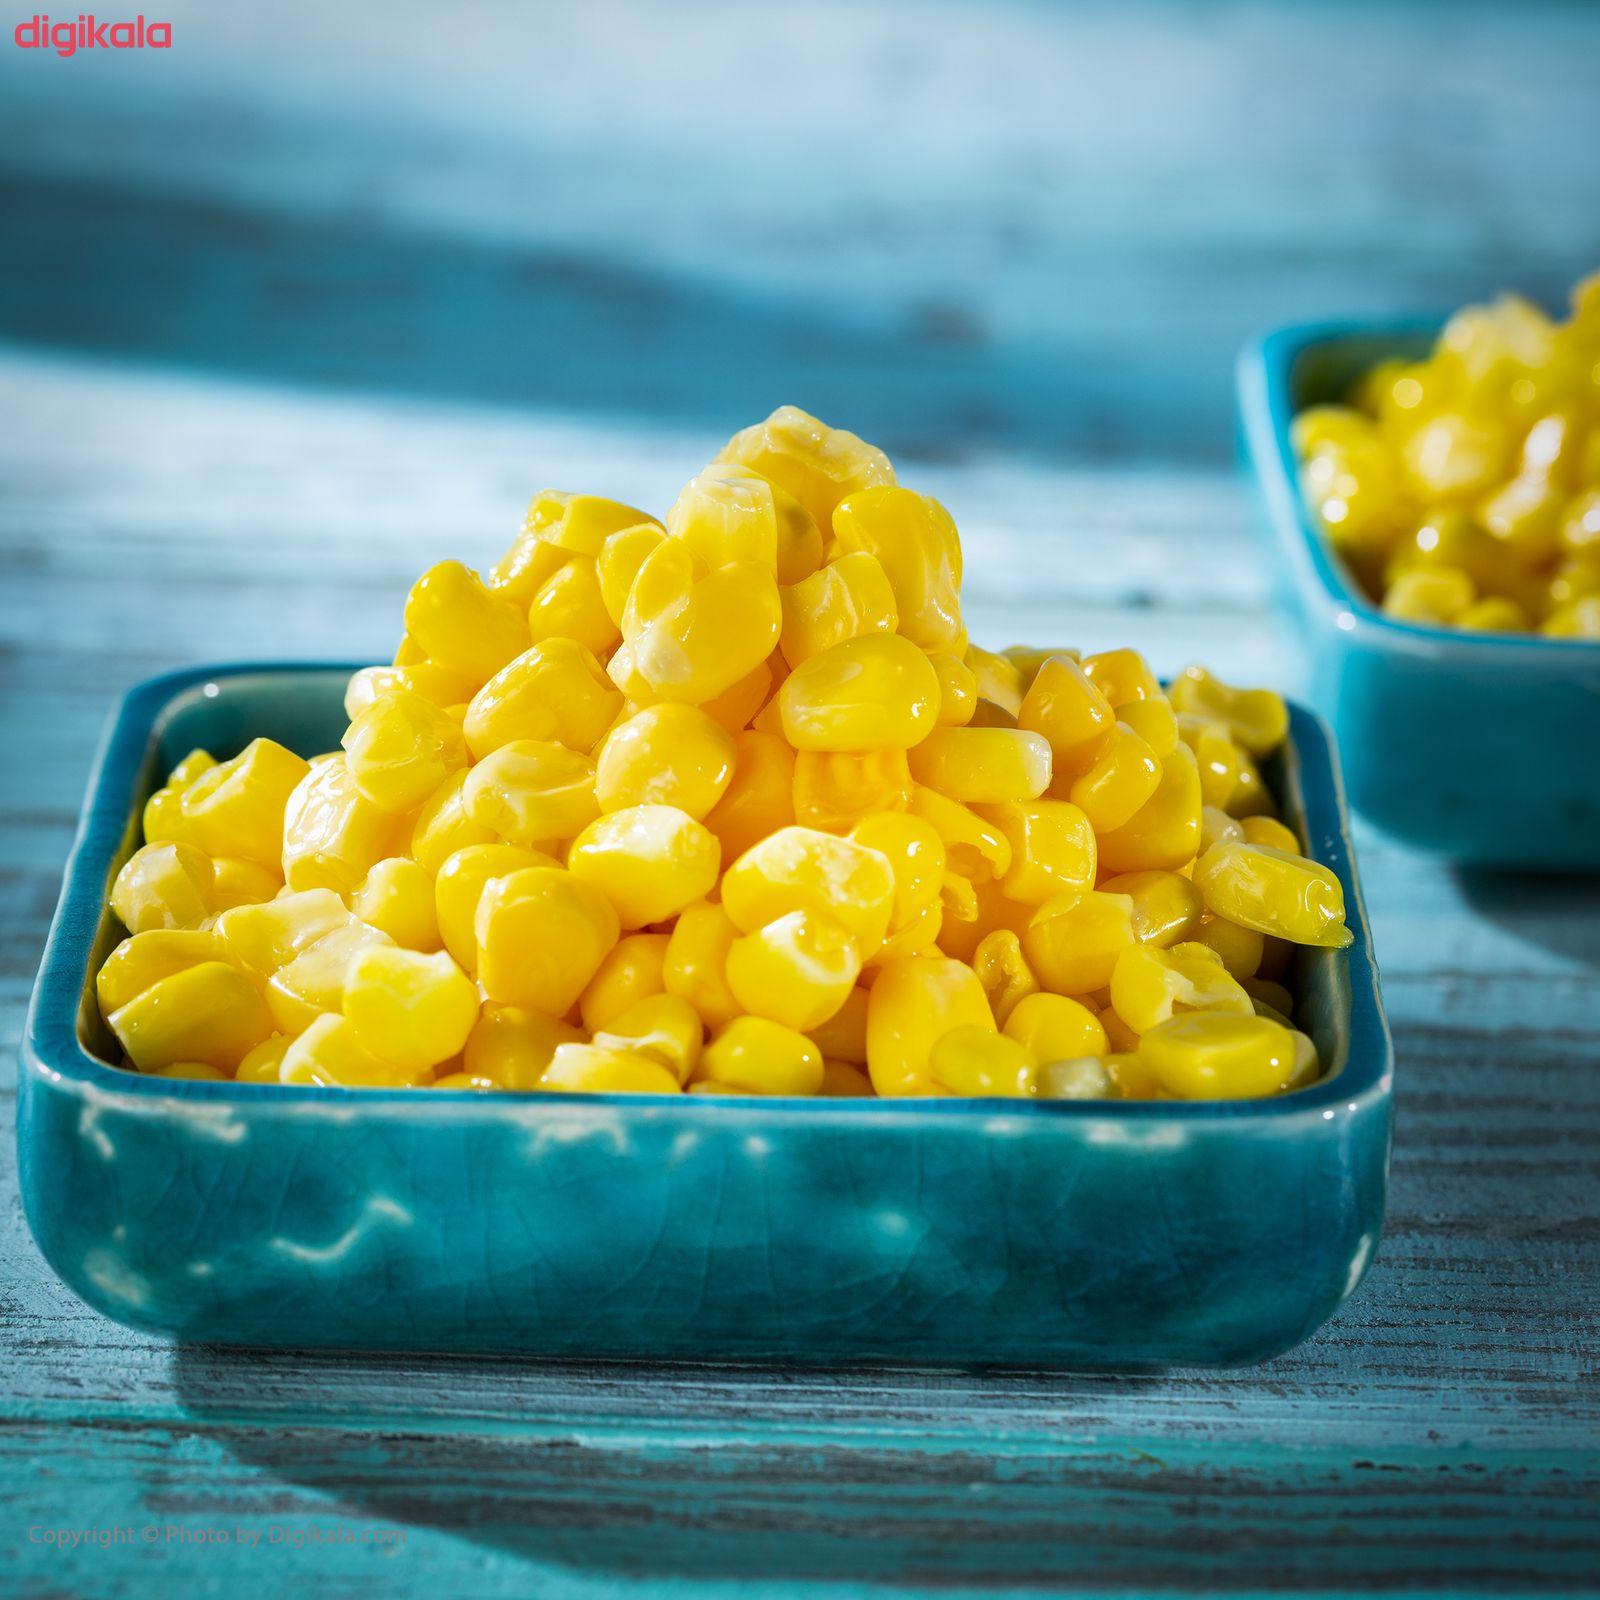 دانه ذرت شیرین منجمد پمینا مقدار 400 گرم main 1 1